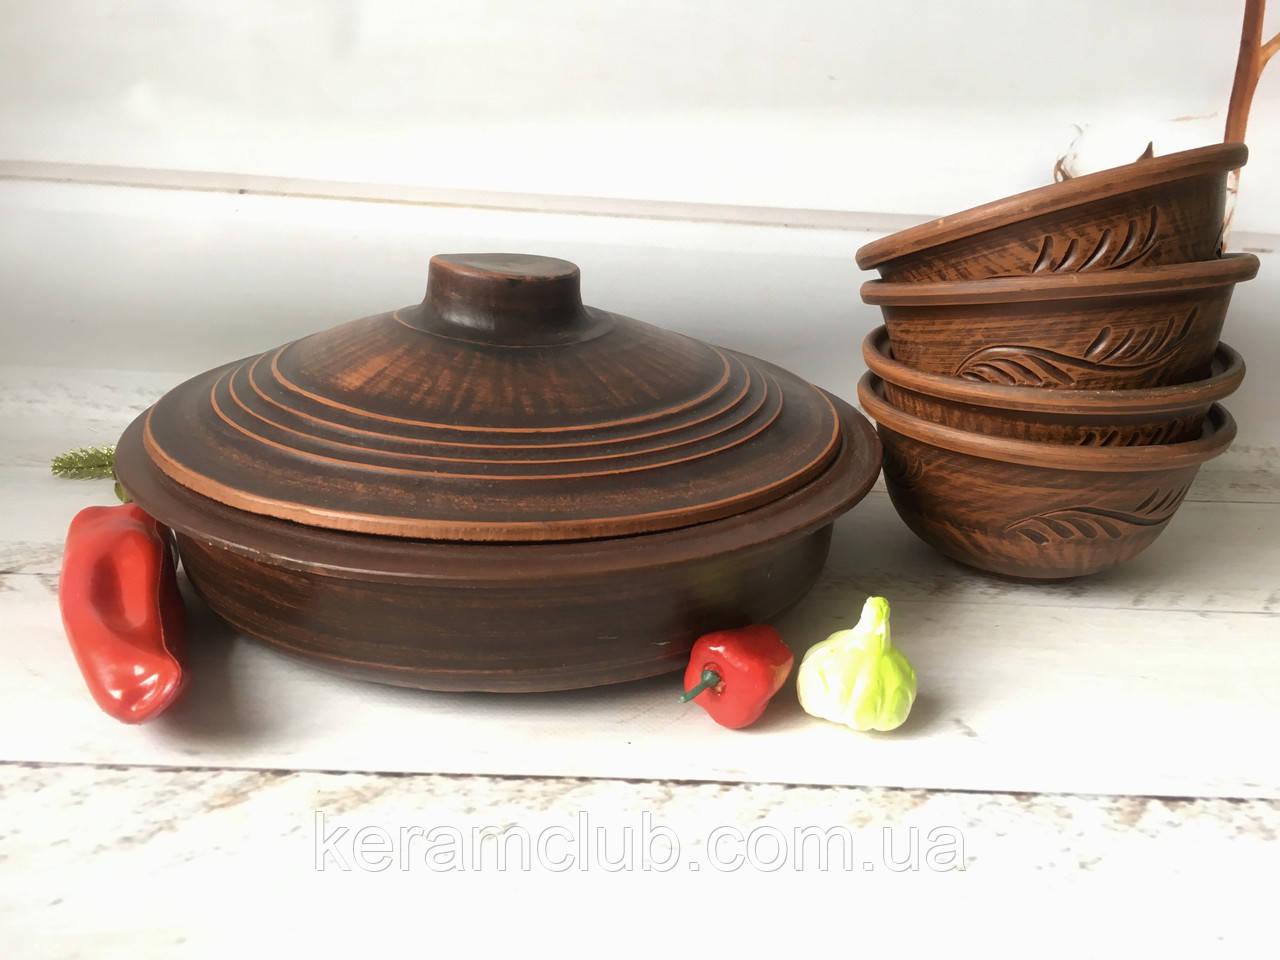 Керамический набор из красной глины сковорода и 4 пиалы